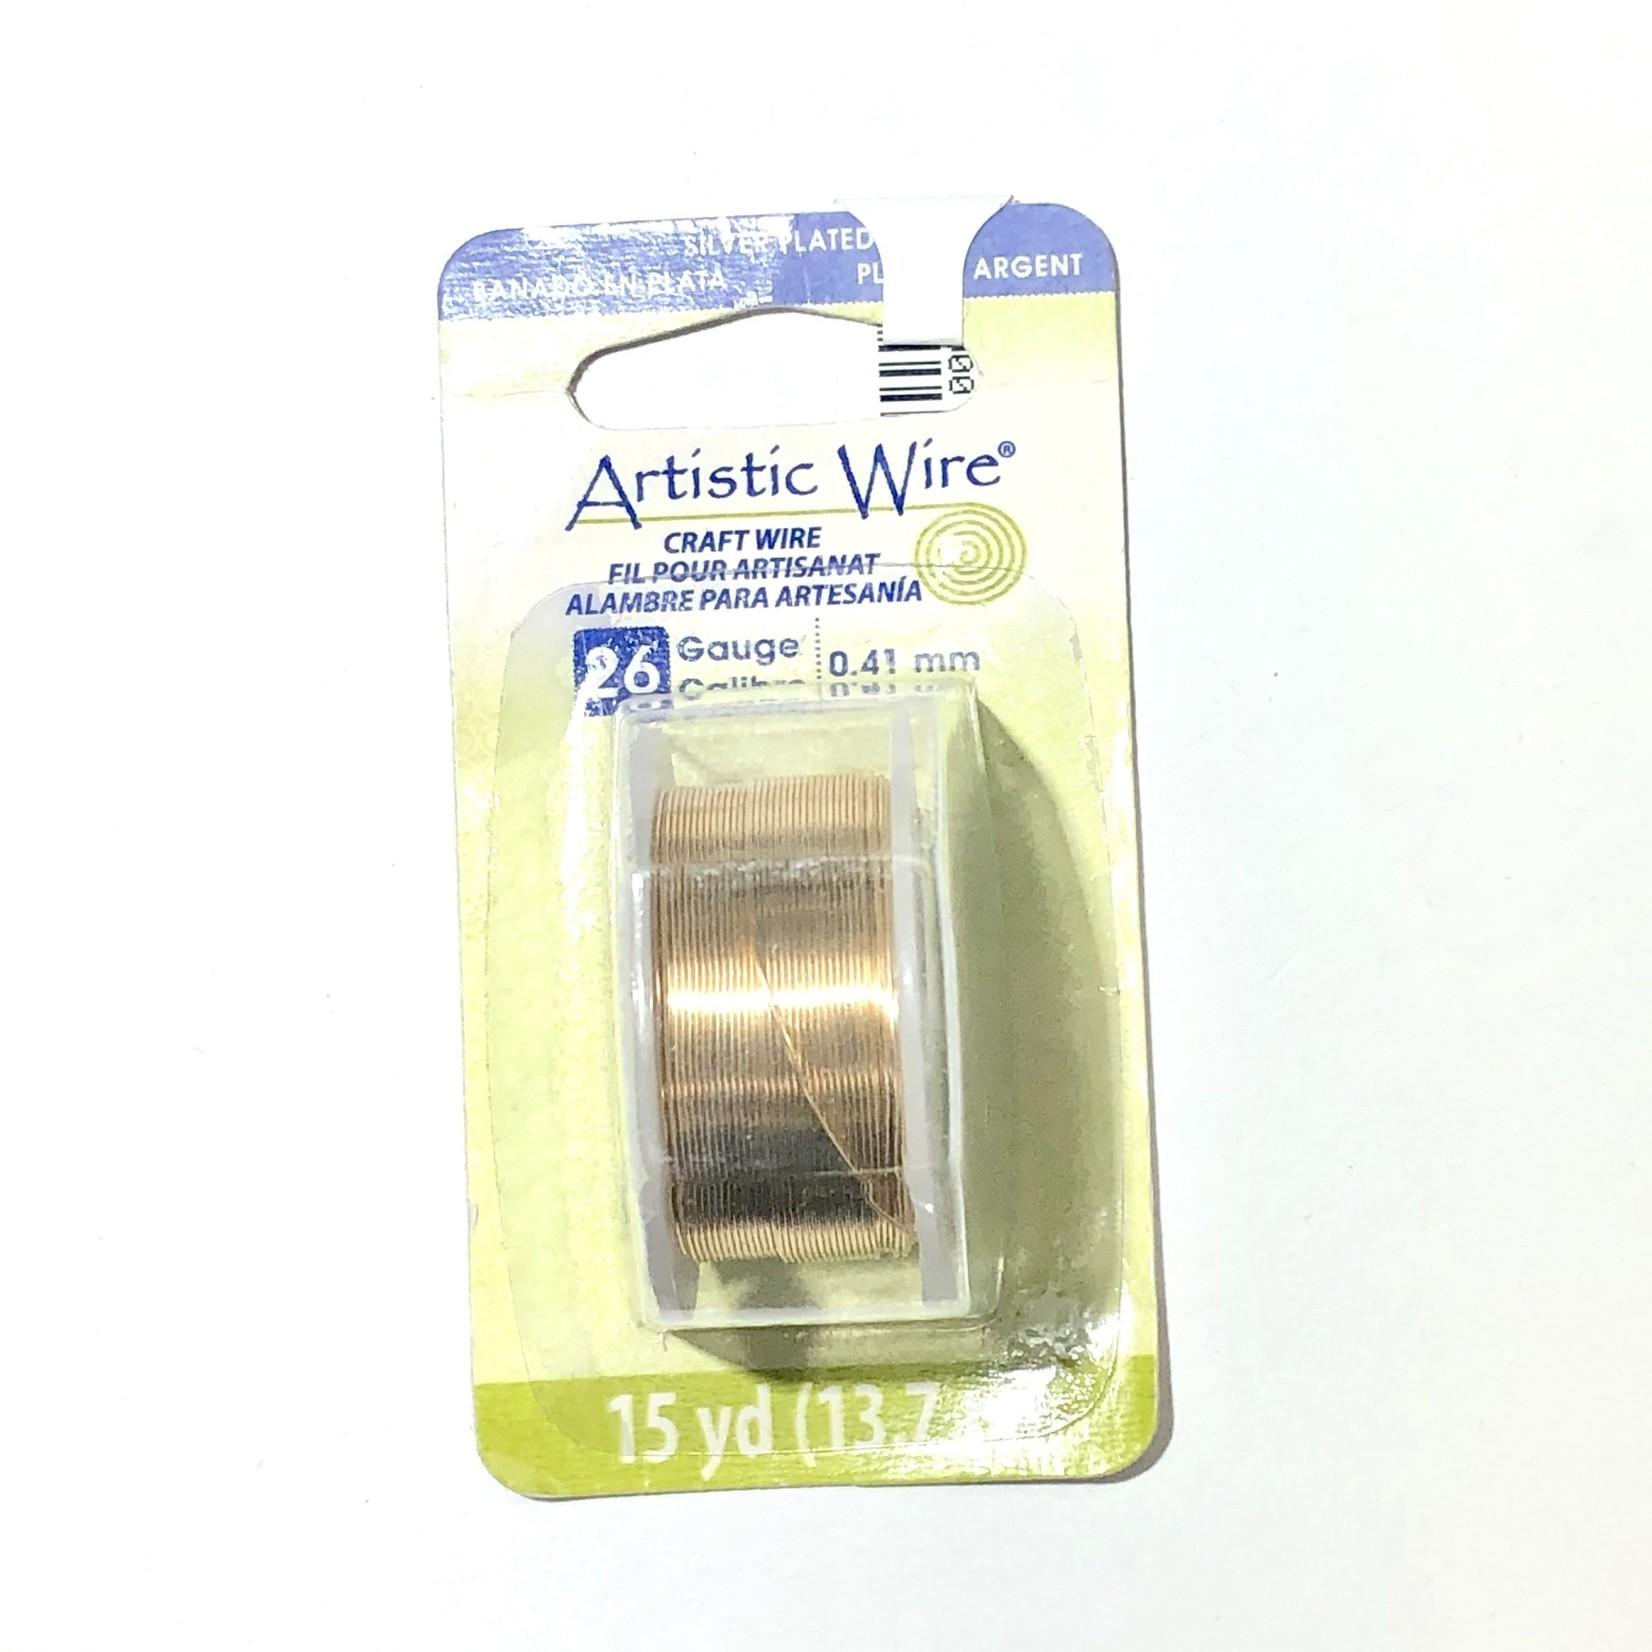 Artistic Wire Gold Colour 26Ga 15Yd